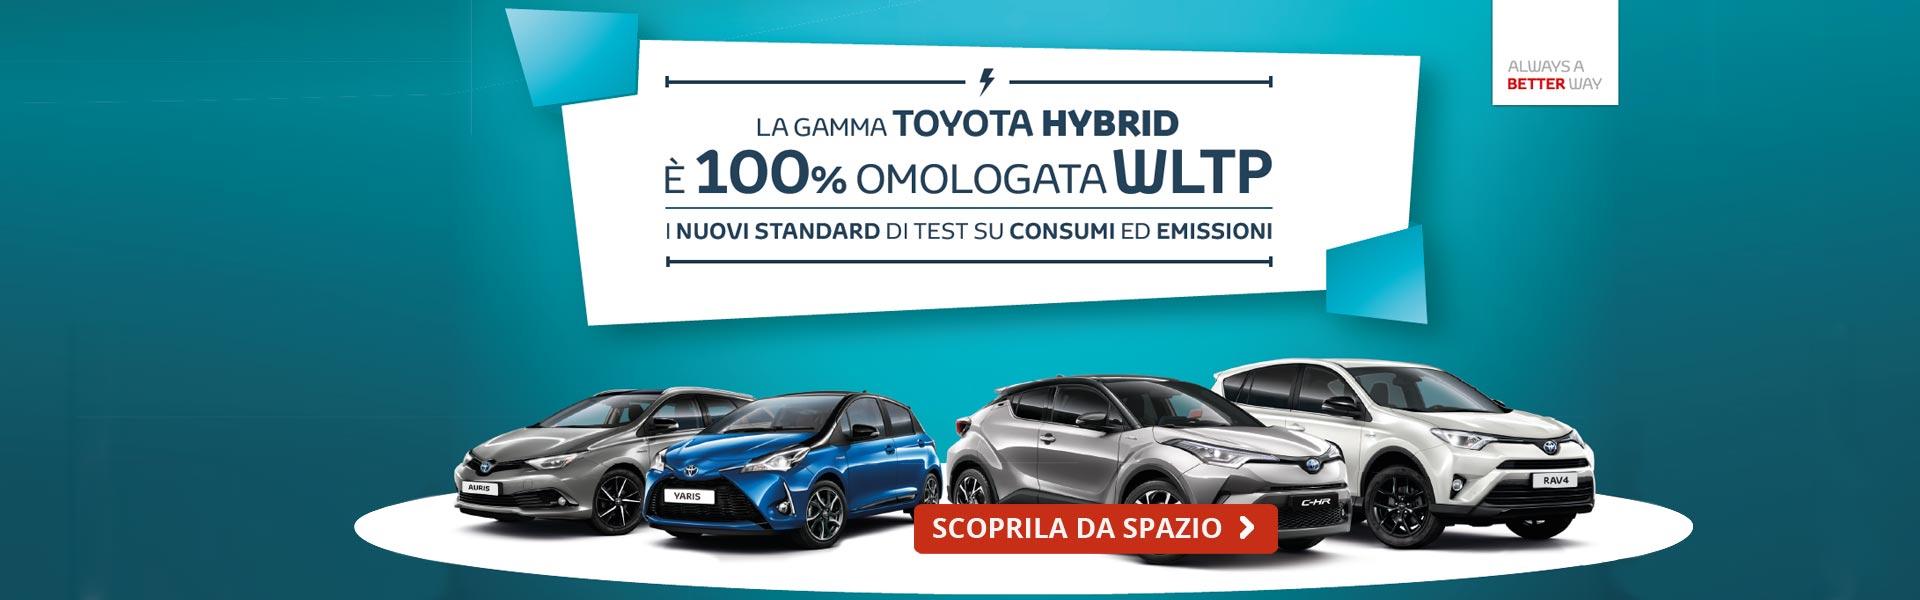 Gamma Toyota Hybrid